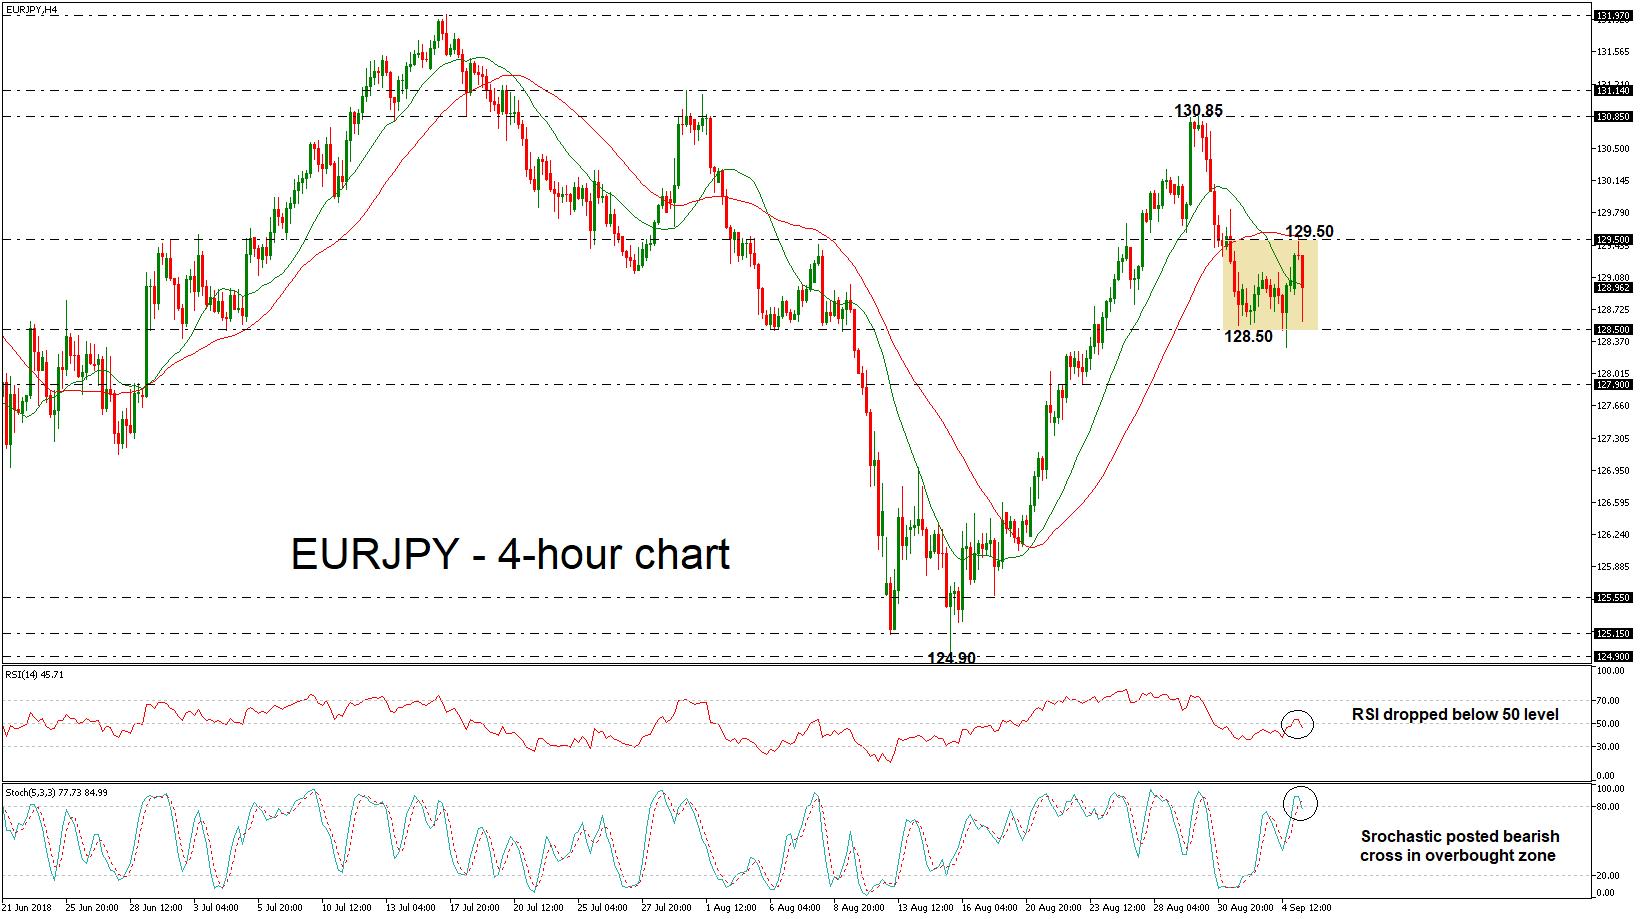 Eur Jpy Lacks Clear Direction In Near